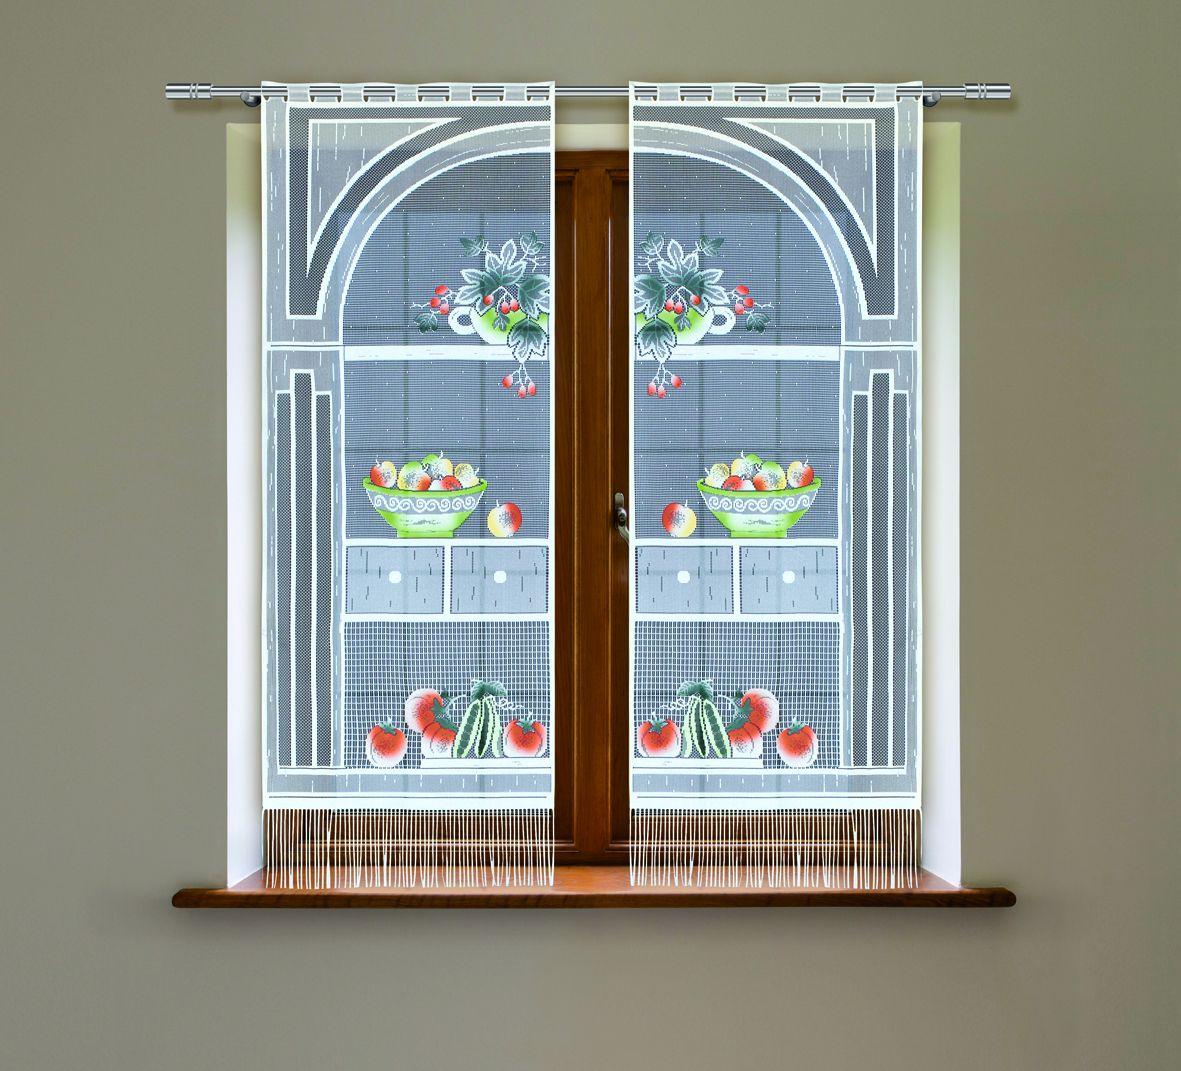 Комплект гардин Haft, на петлях, цвет: белый, высота 160 см, 2 шт. 21494С3111909668Воздушные гардины Haft великолепно украсят любое окно. Комплект состоит из двух гардин, выполненных из полиэстера.Изделие имеет оригинальный дизайн и органично впишется в интерьер помещения.Комплект крепится на карниз при помощи петель.